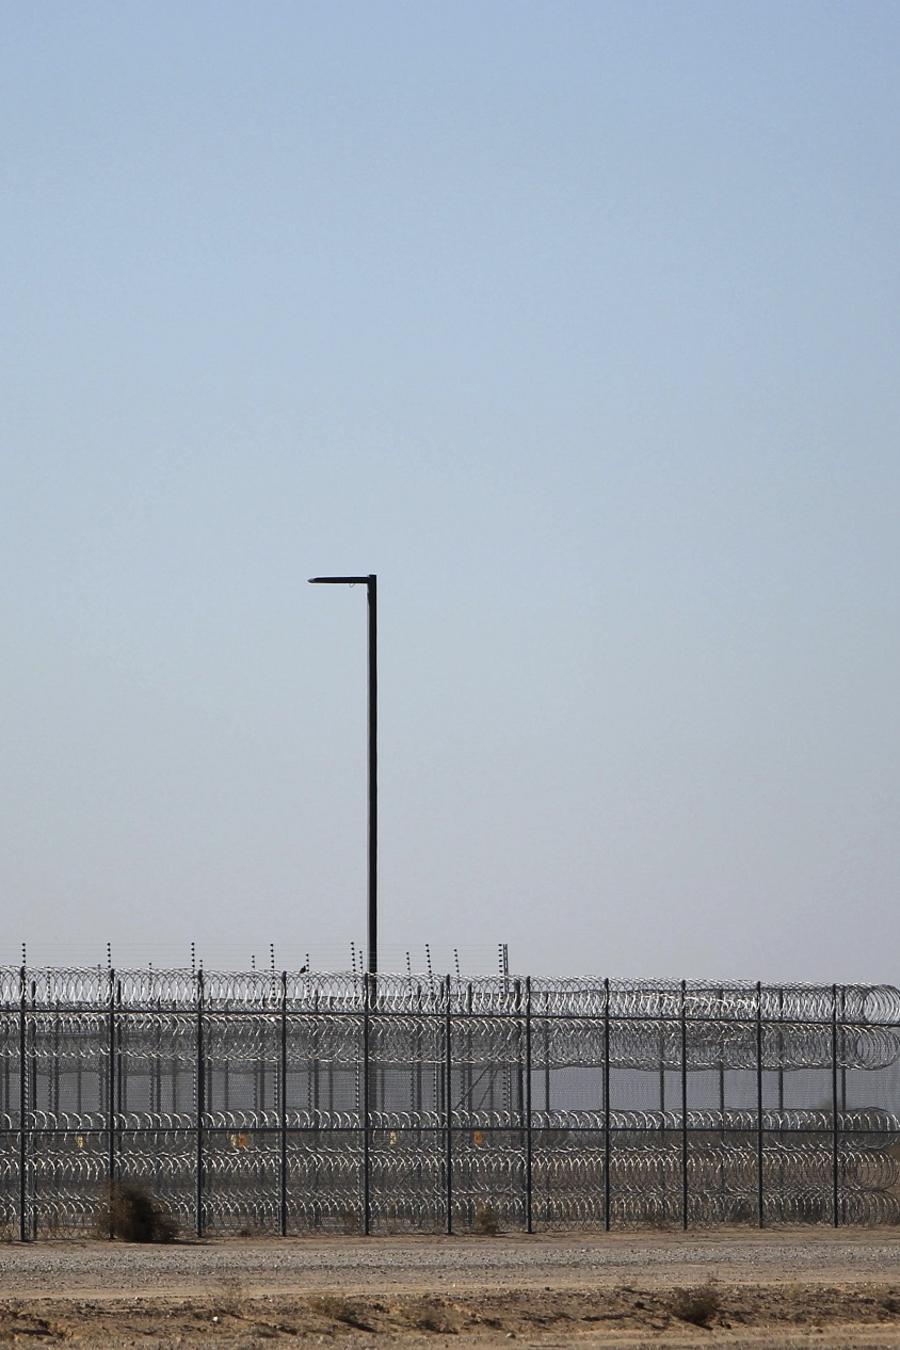 Un centro de detención en Estados Unidos.